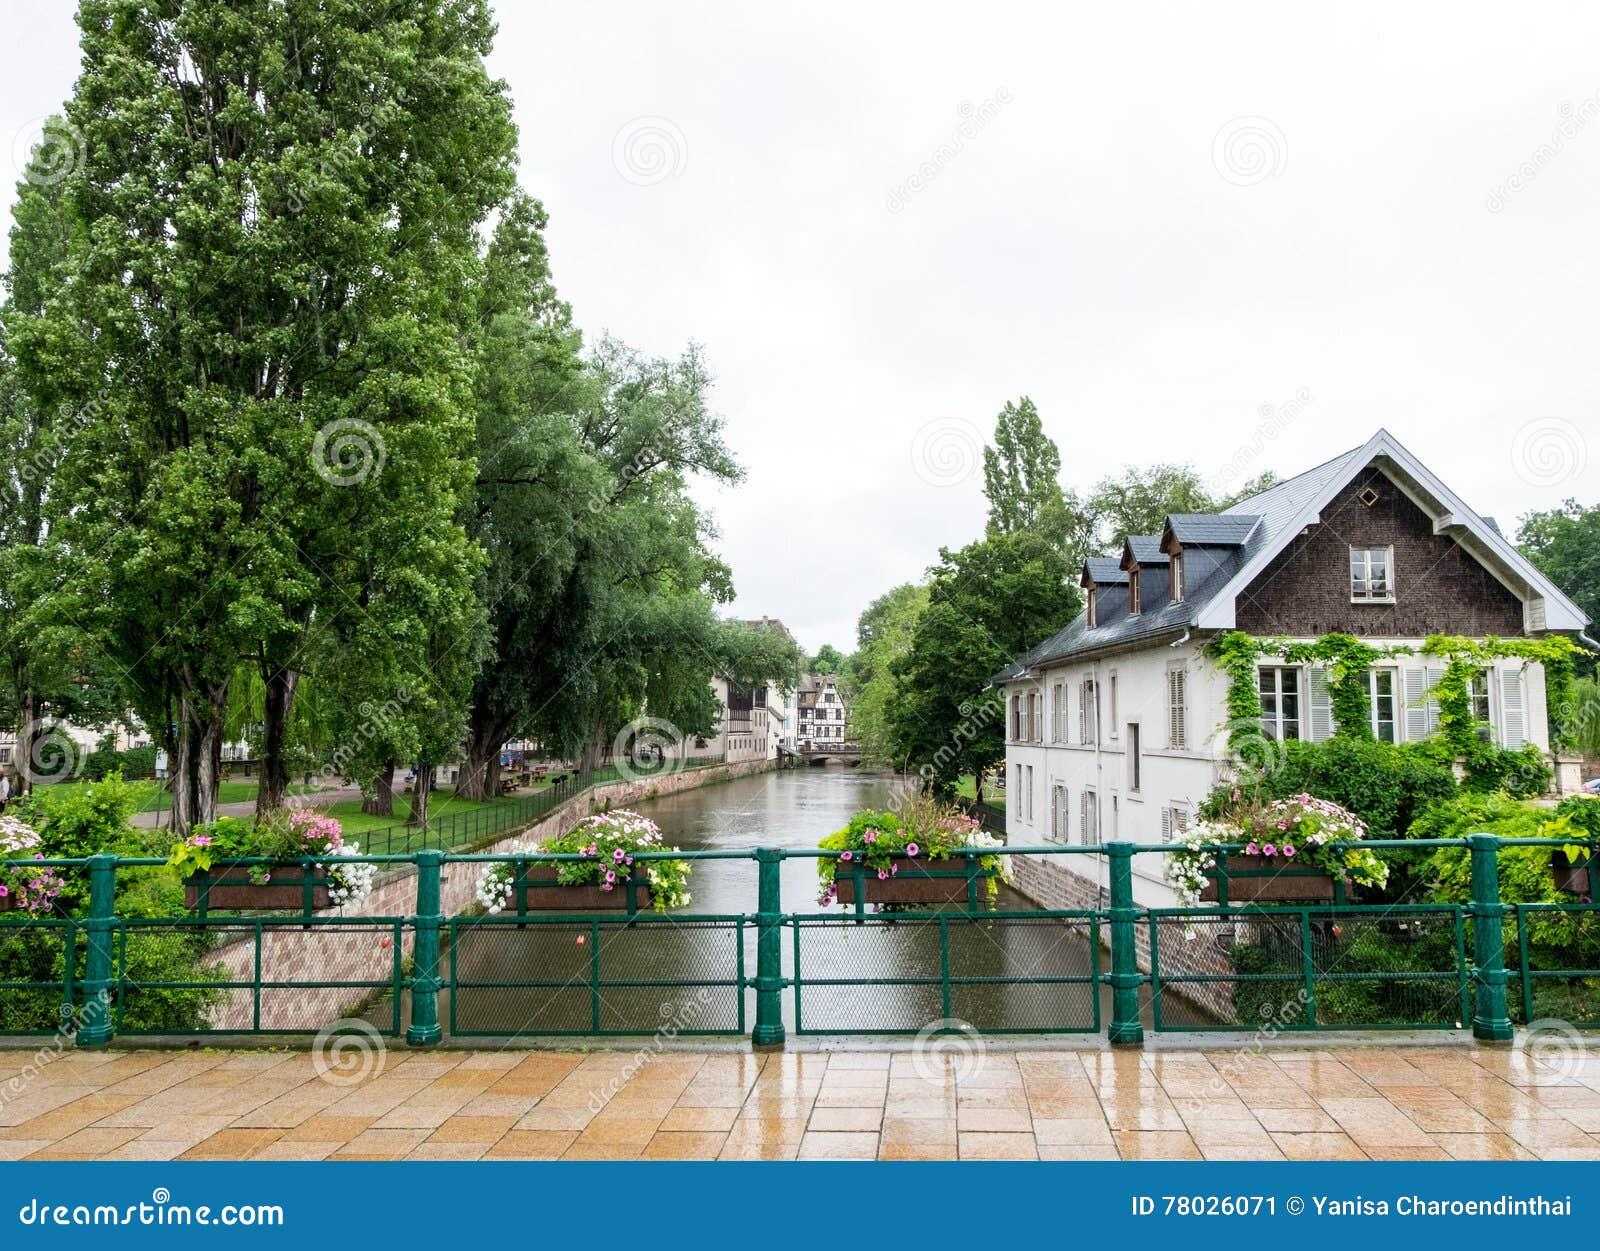 Река и дома в маленькой Франции, страсбурге